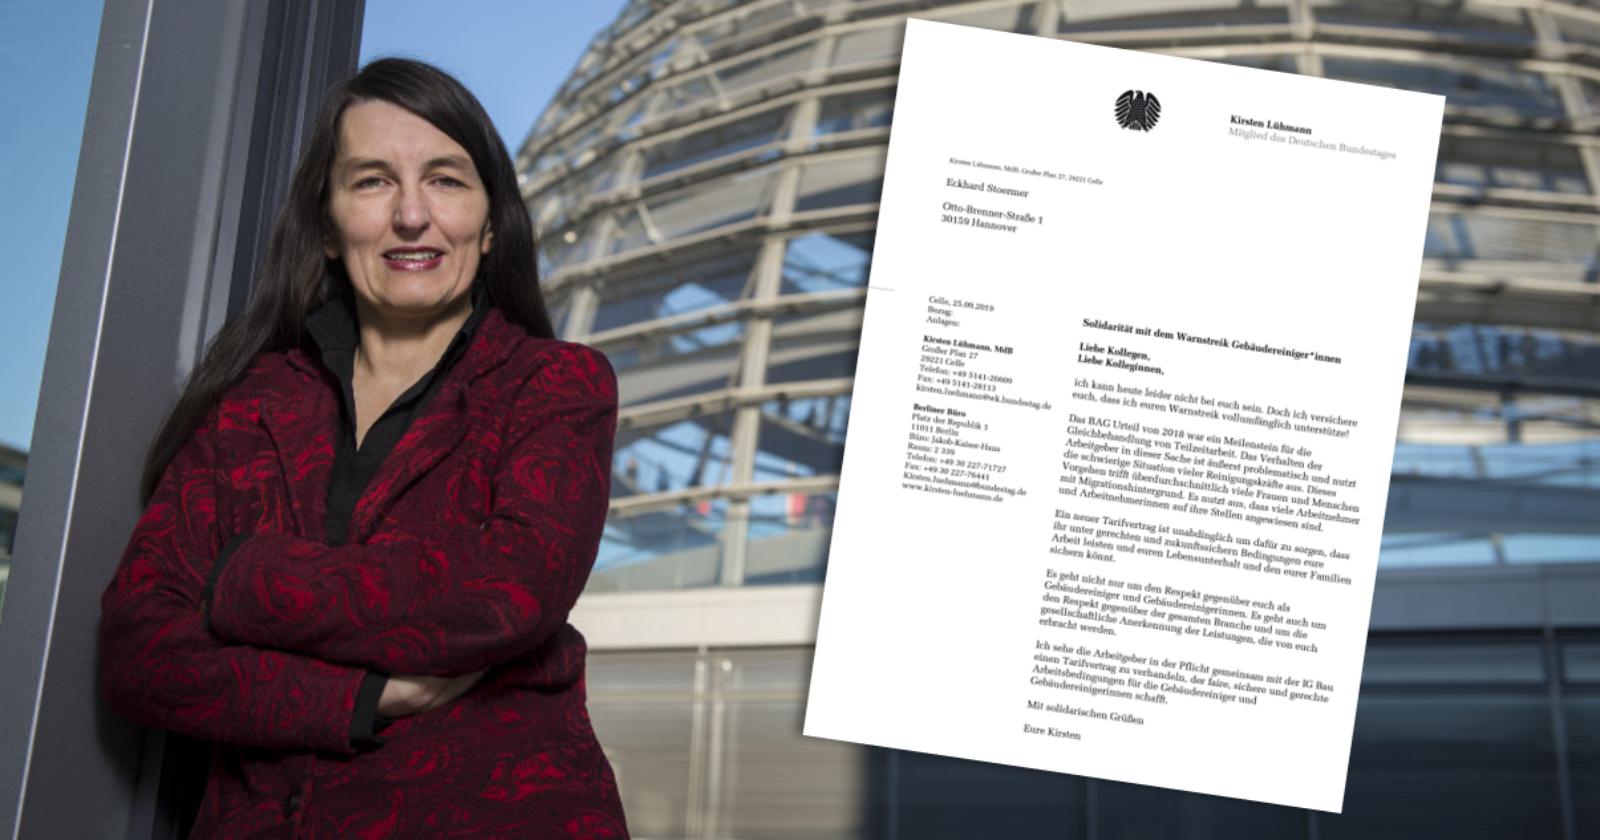 Kirsten Lühmann, Bundestagsabgeordnete der SPD unterstützt die Warnstreiks in der Gebäudereinigung